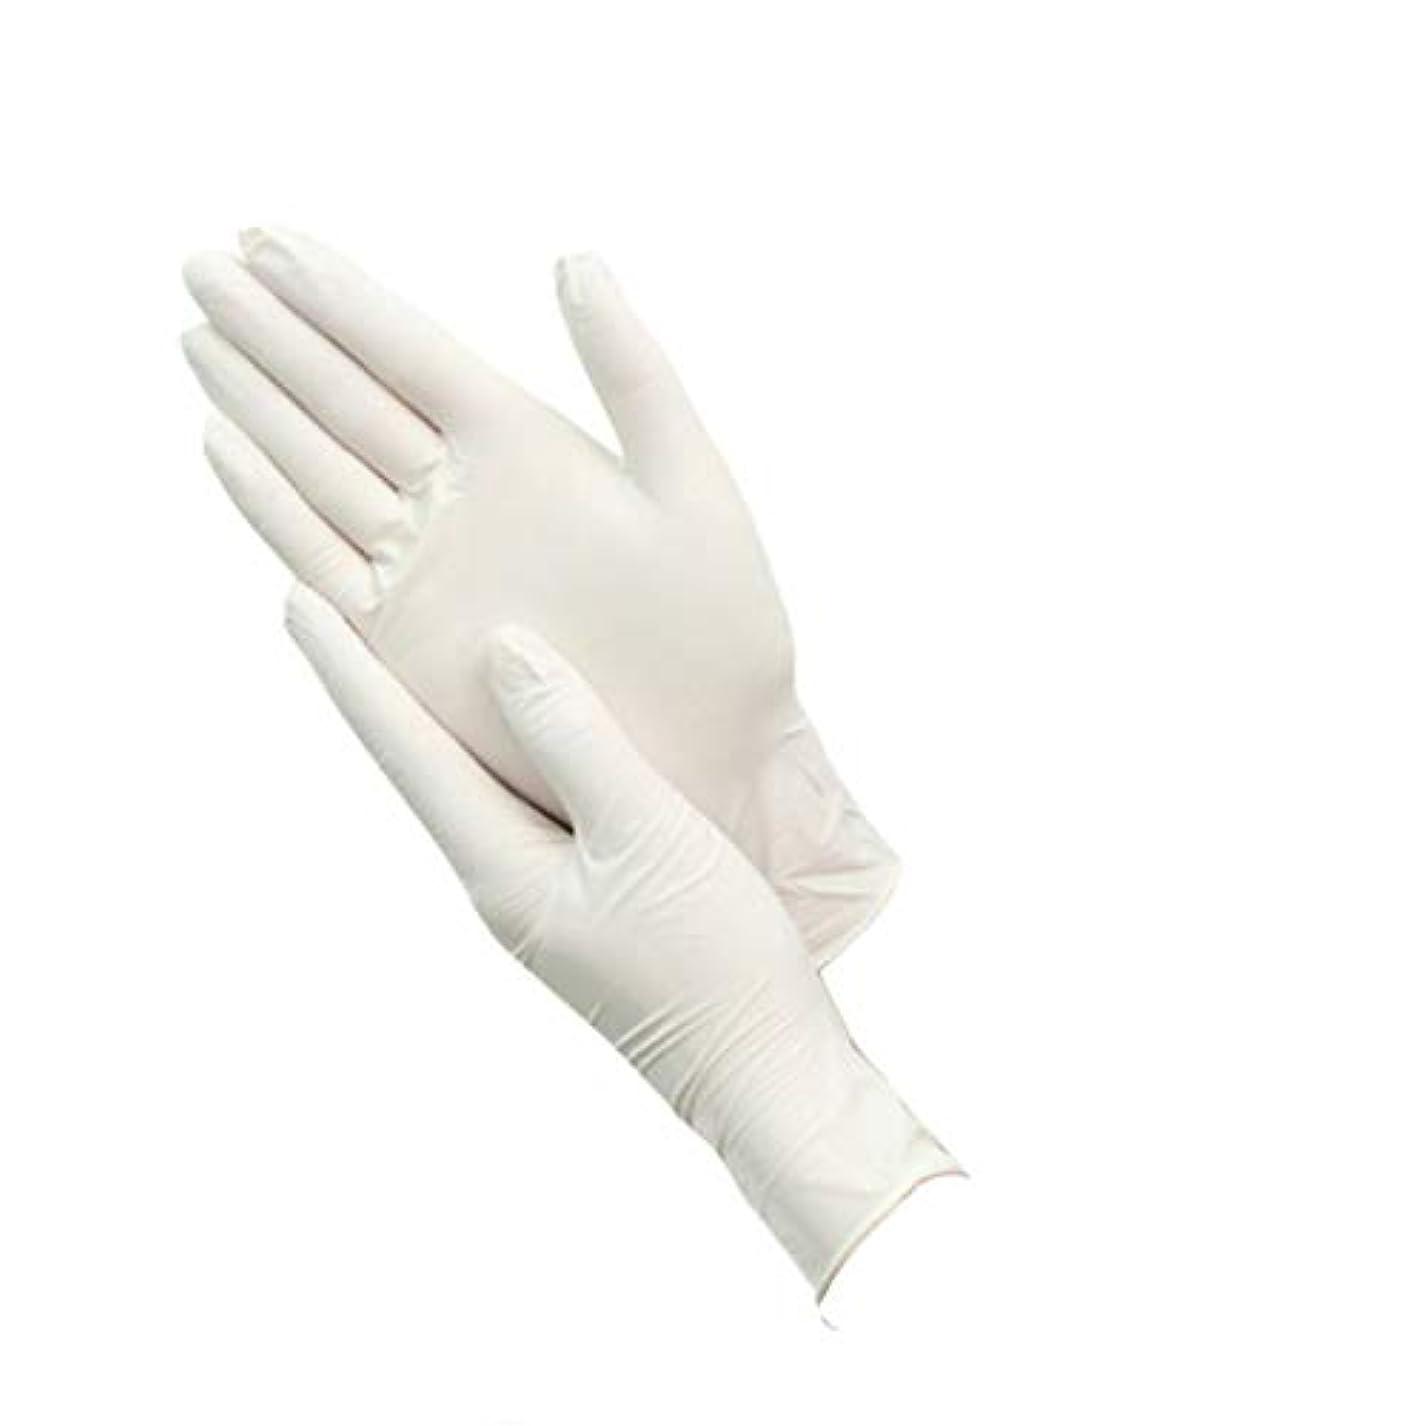 ランデブー強いビュッフェ使い捨て手袋グッド100グラム増量ニトリルブタジエンゴム (サイズ さいず : XL)